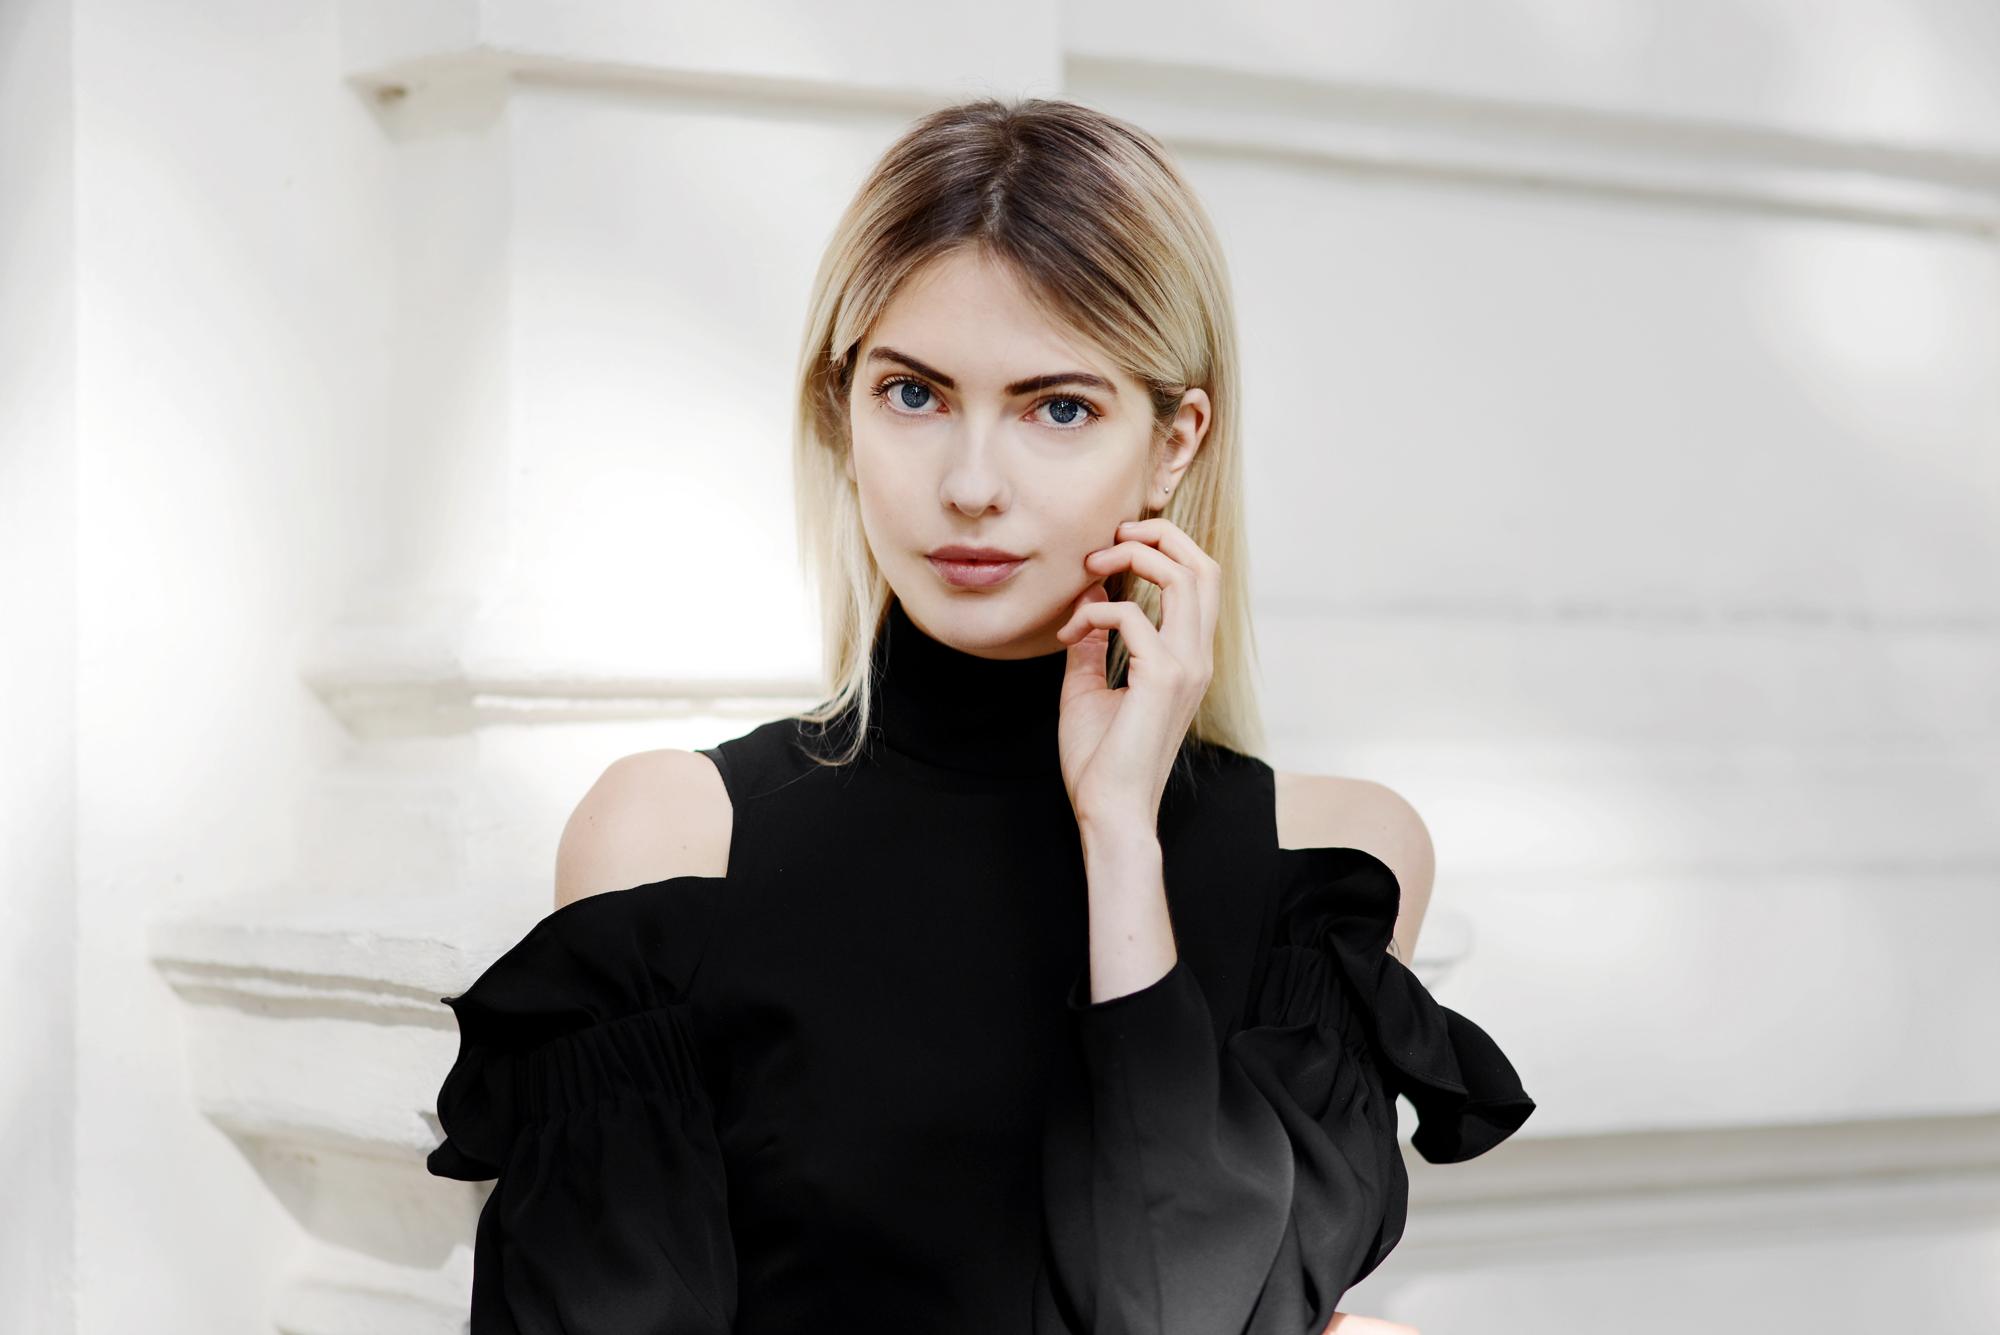 """03987bad2541 Ville bara kika in här och visa några bilder på denna FANTASTISKA klänning.  Äntligen kan man bocka av """"den lilla svarta"""" i bas-garderoben."""